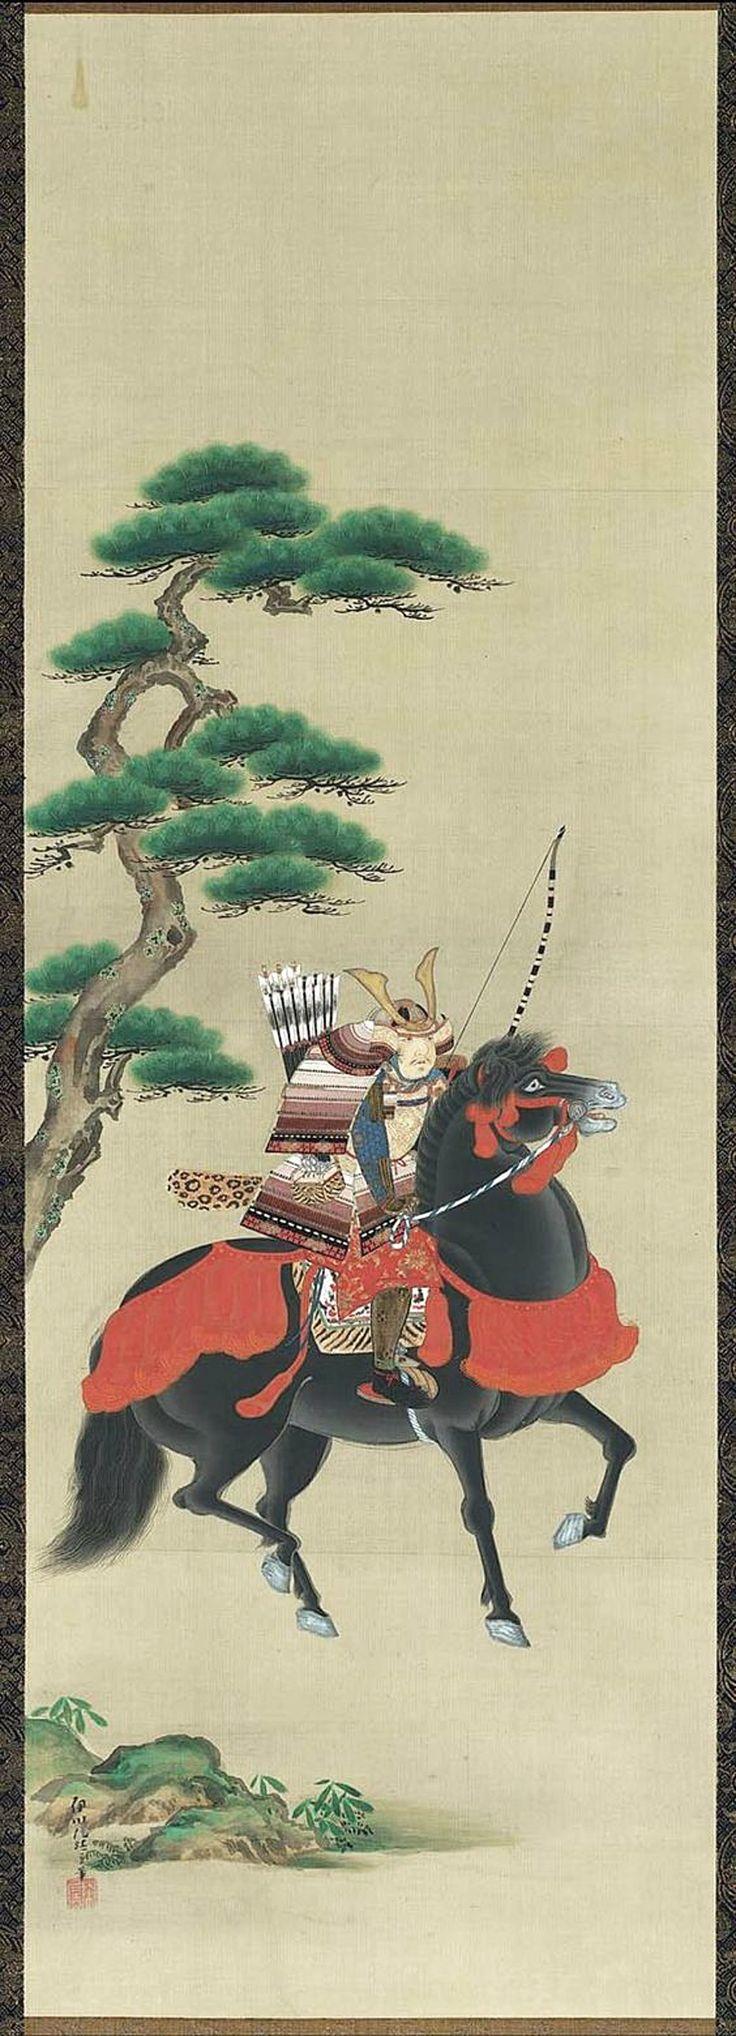 Isen'in Kano Naganobu / Minamoto no Yoshitsune